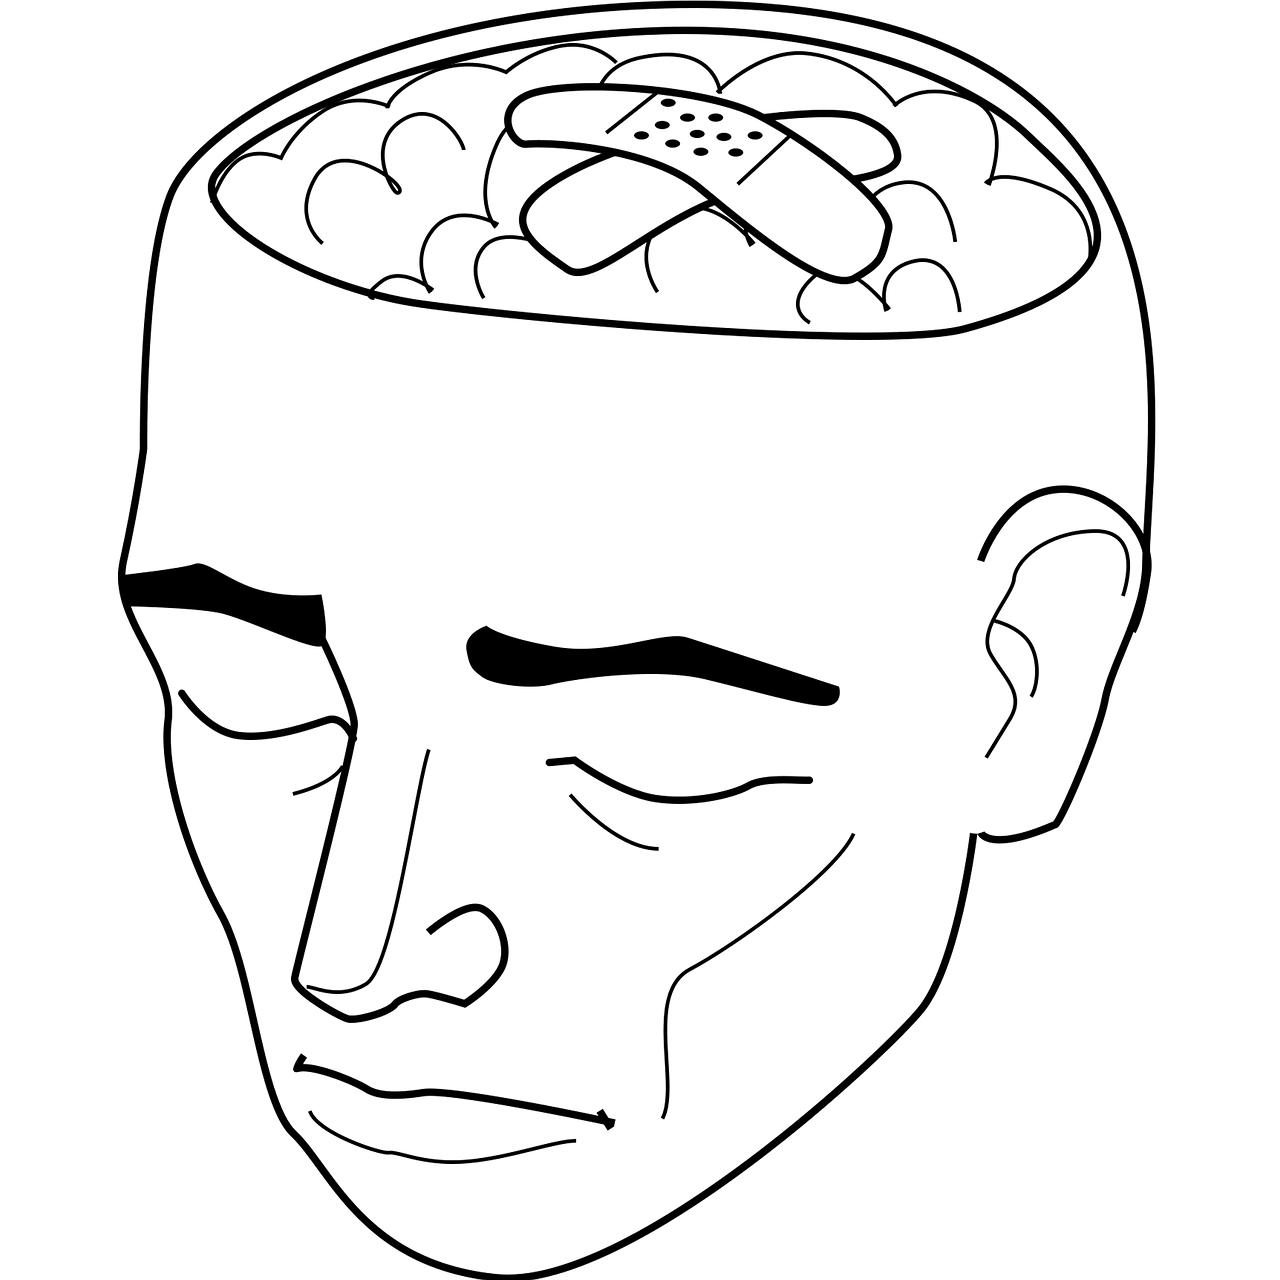 Psychische Erkrankung wegen dem Job? Mitarbeiter Stress und Leistungsdruck. Vitaconsulting Widerstandskraft zu erhöhen.